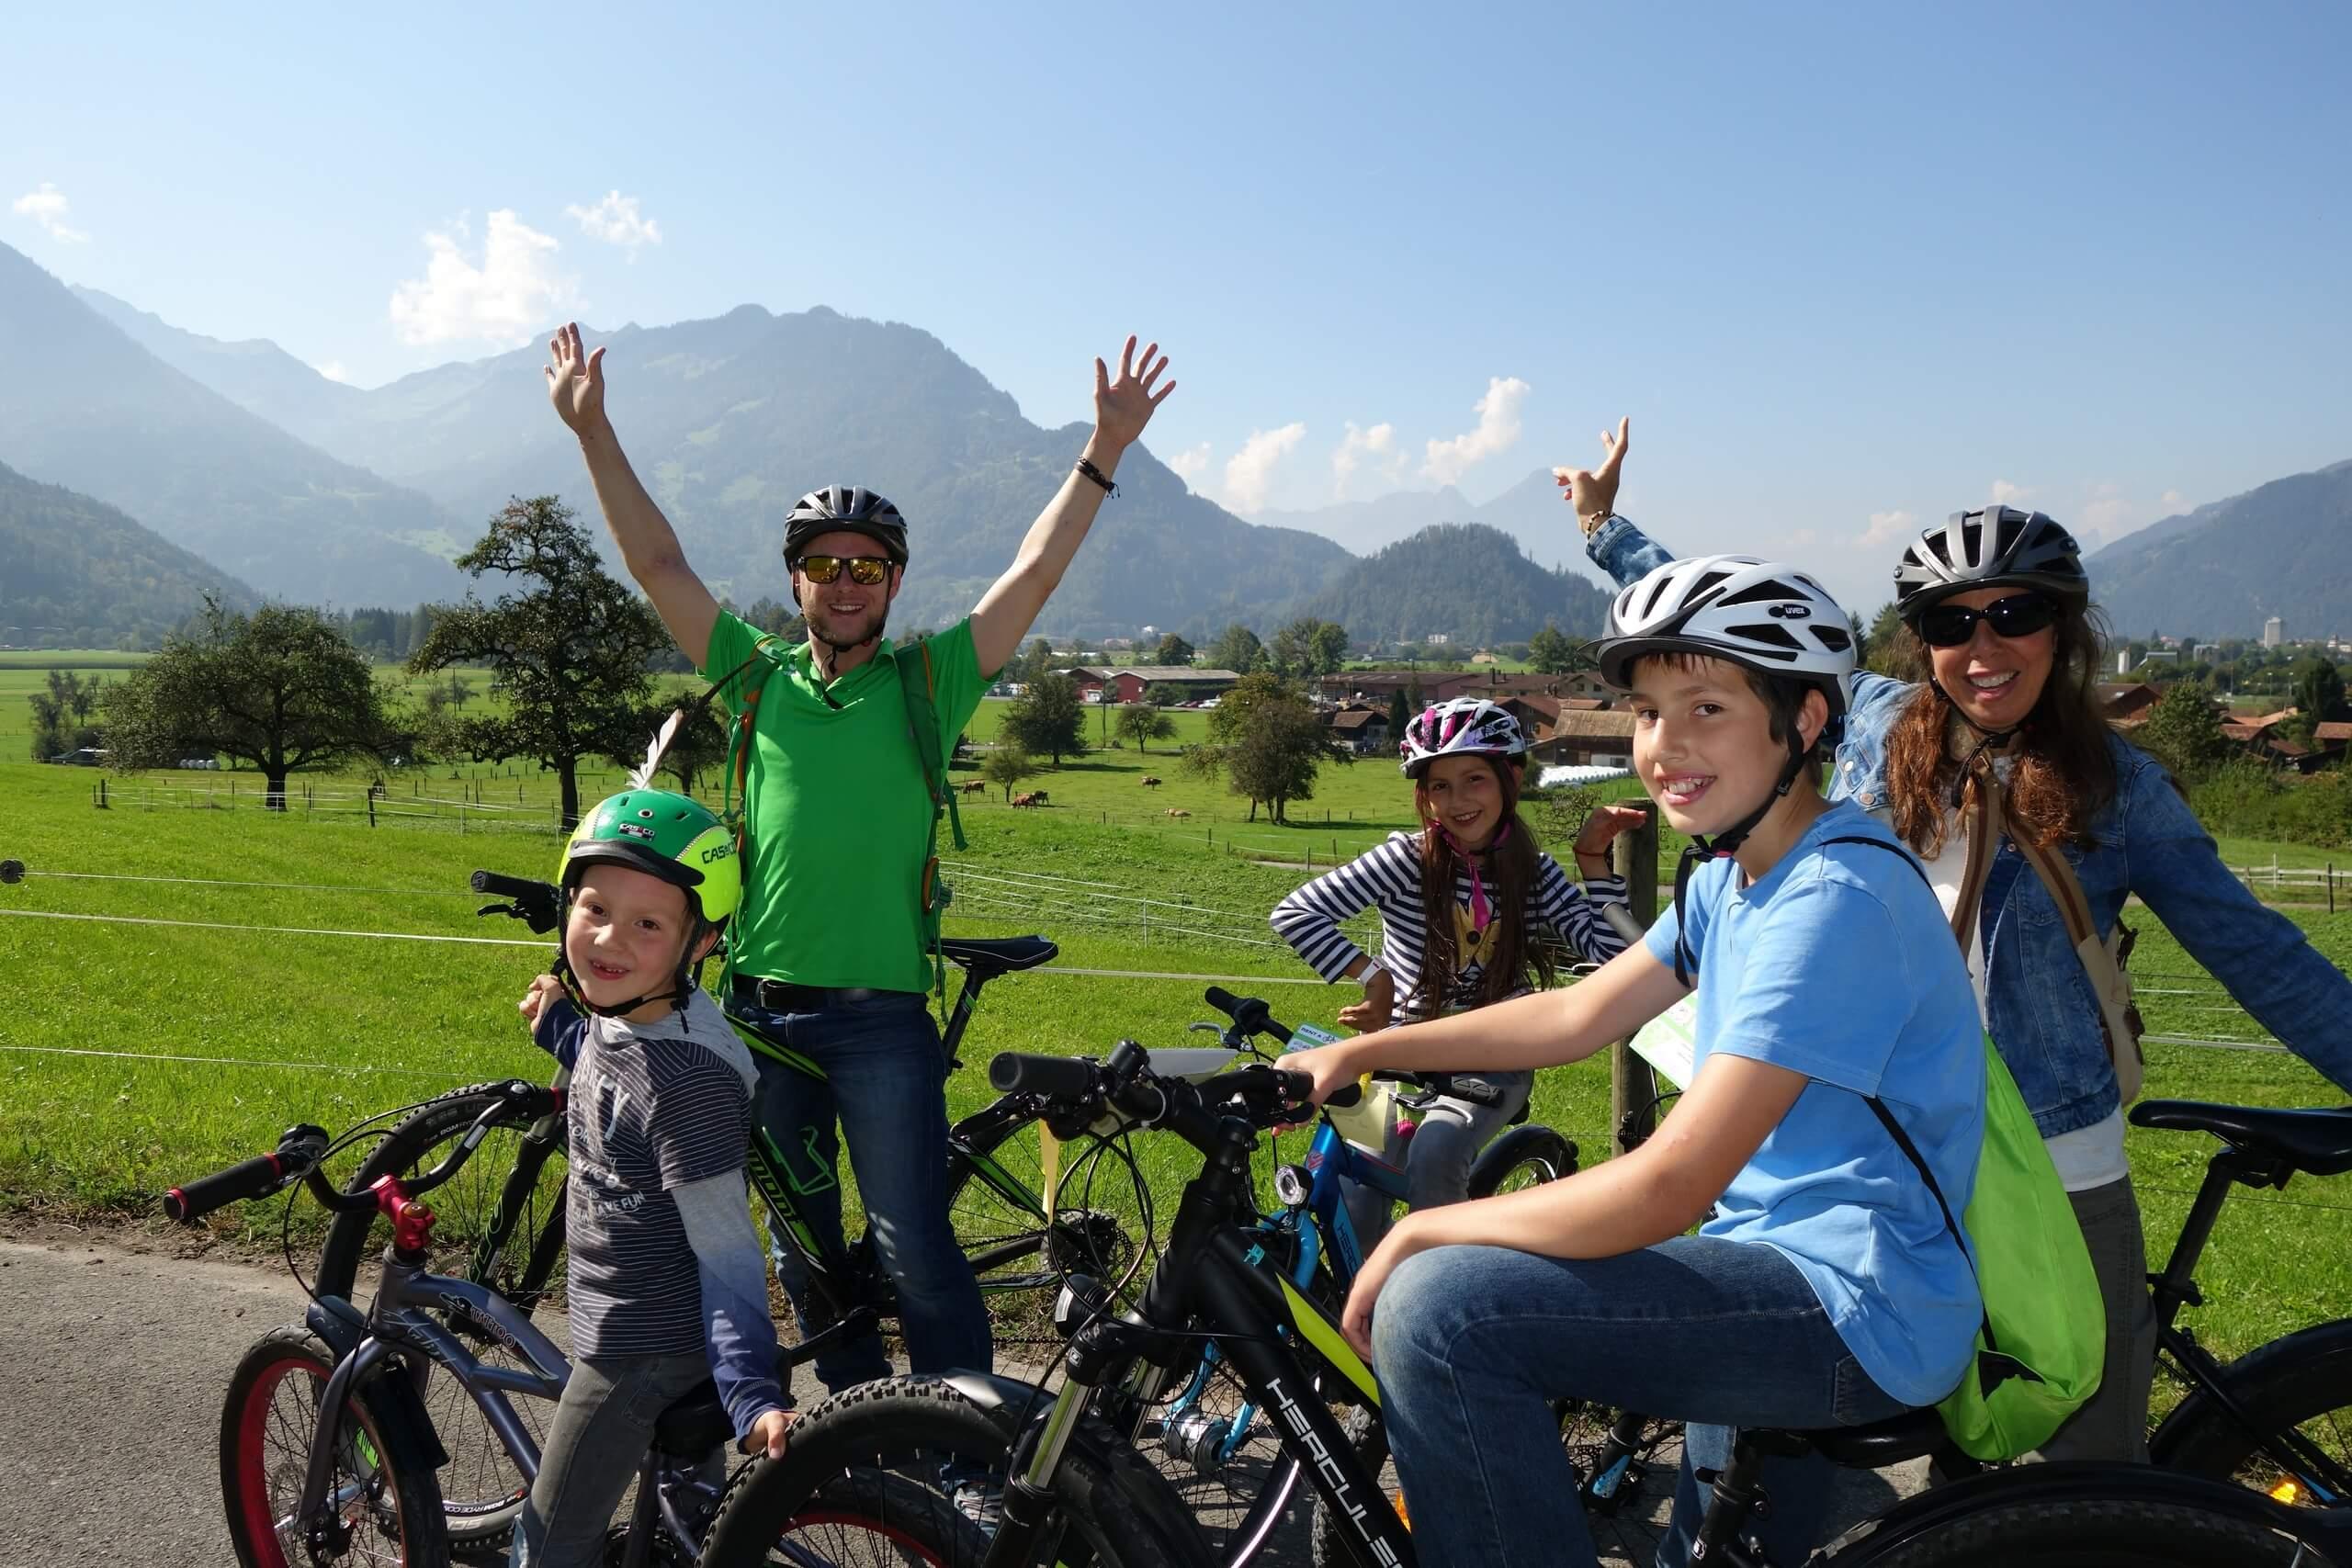 interlaken-flying-wheels-fahrrad-fahren-dorfrundfahrt-sommer